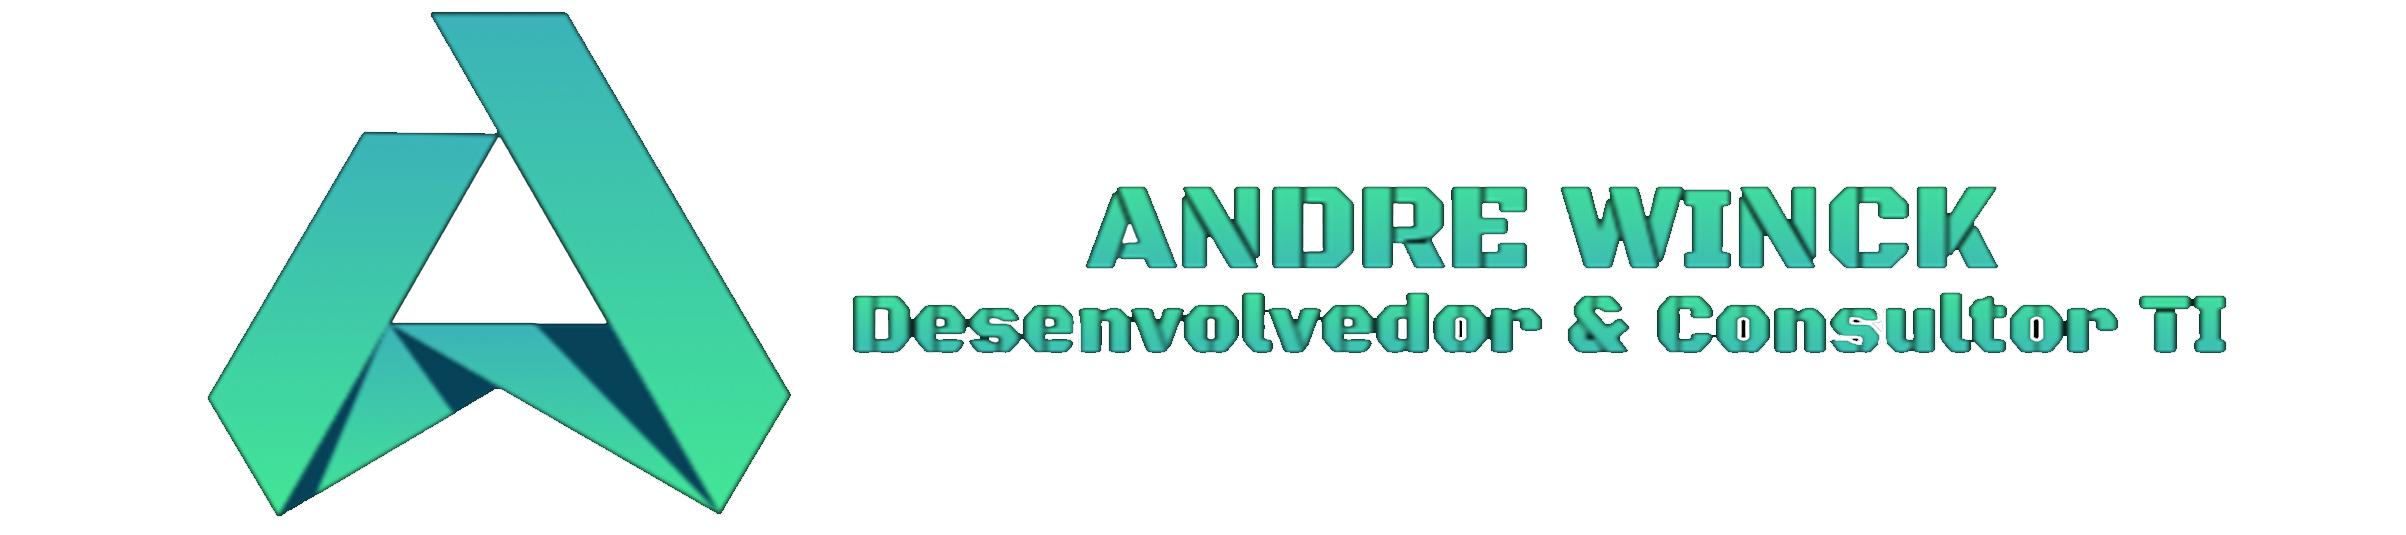 Andre Winck logo marca capa 1